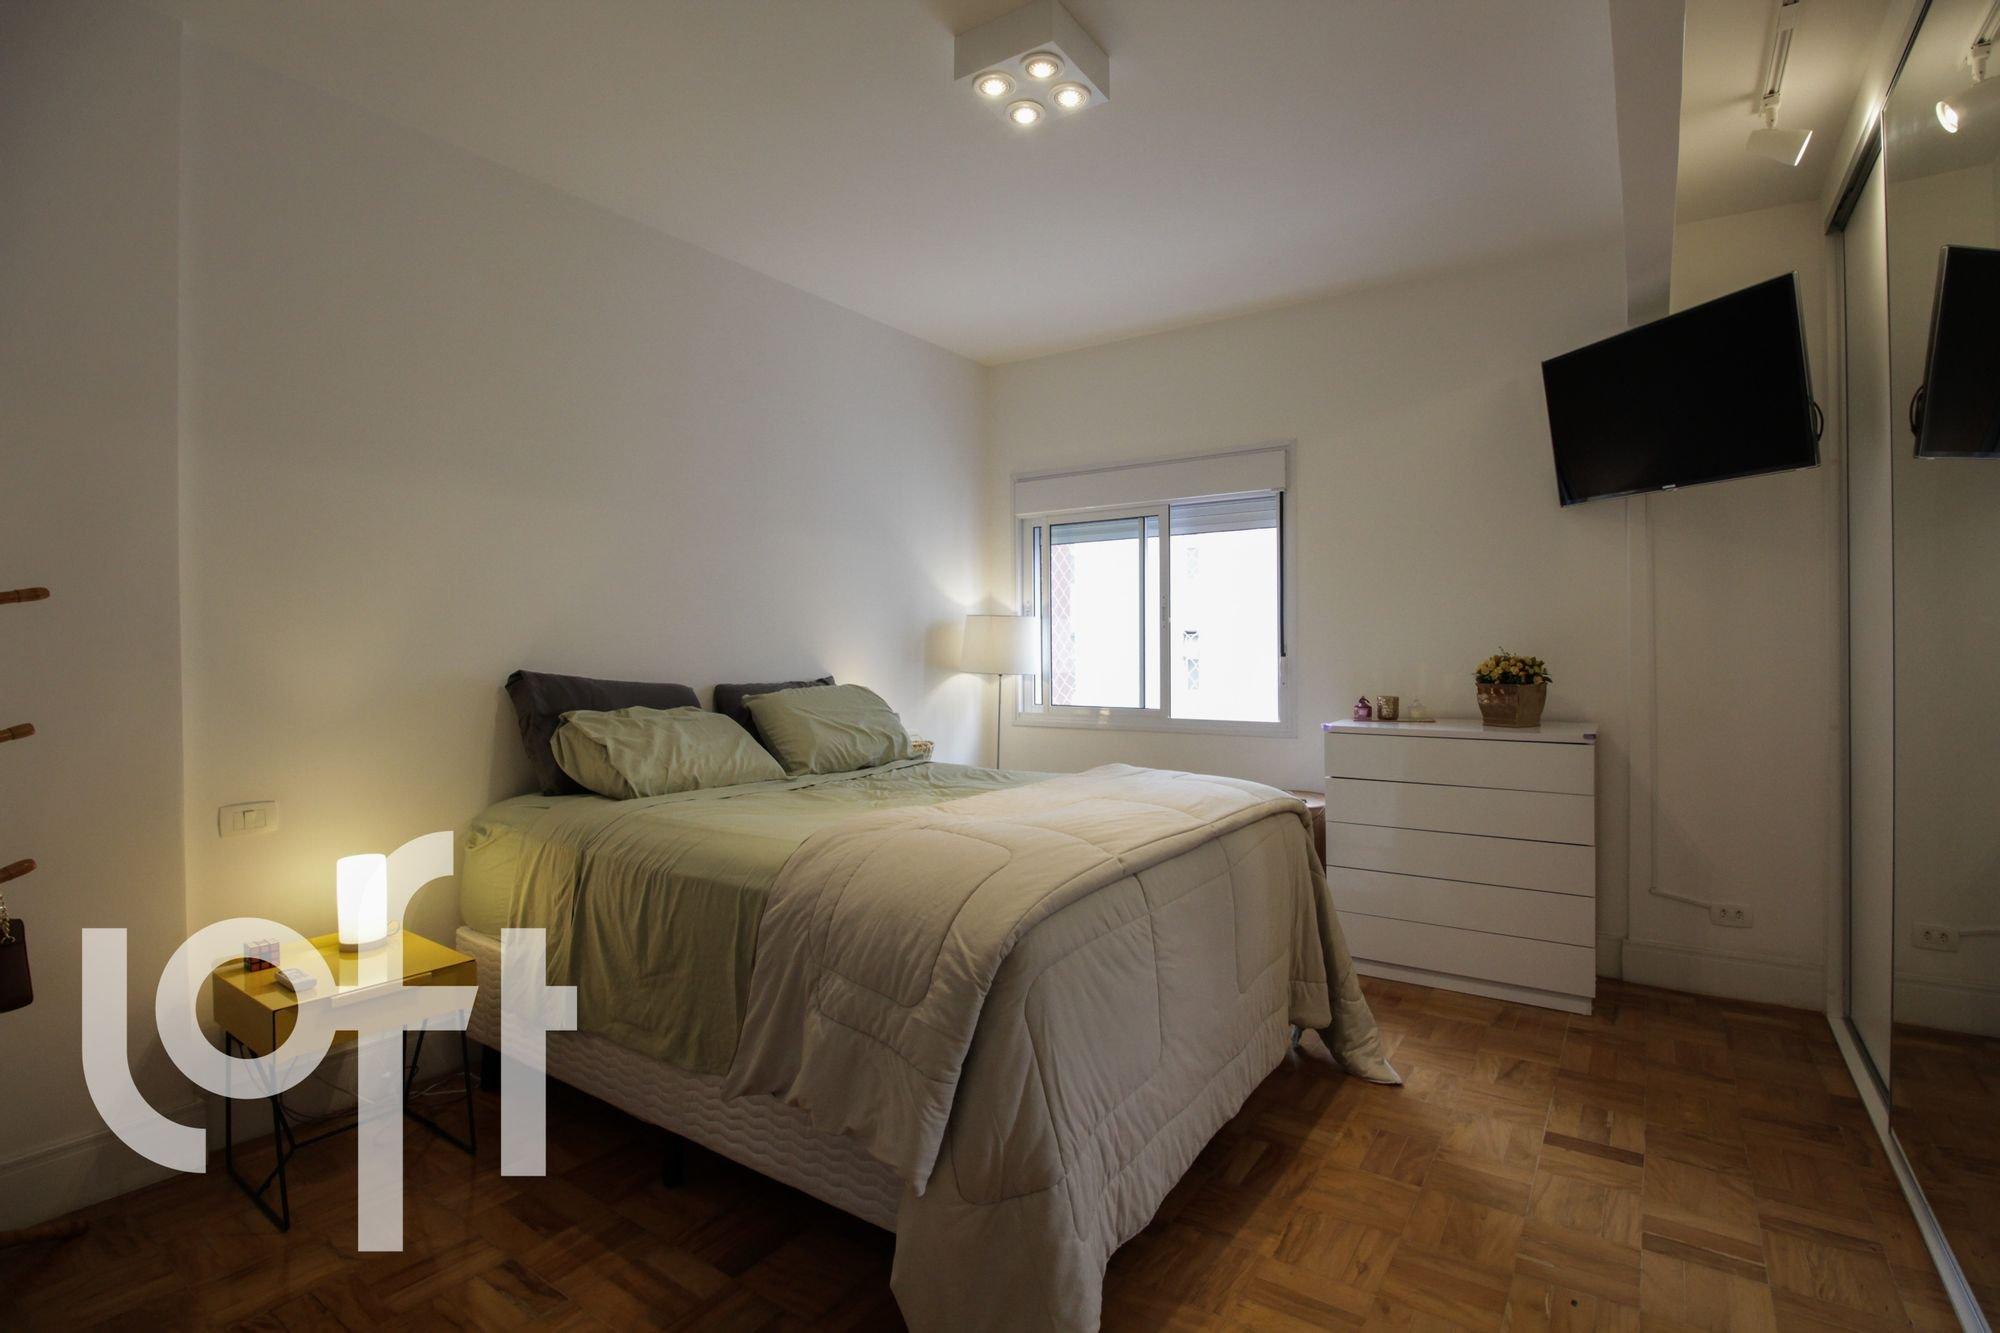 Foto de Quarto com vaso de planta, cama, televisão